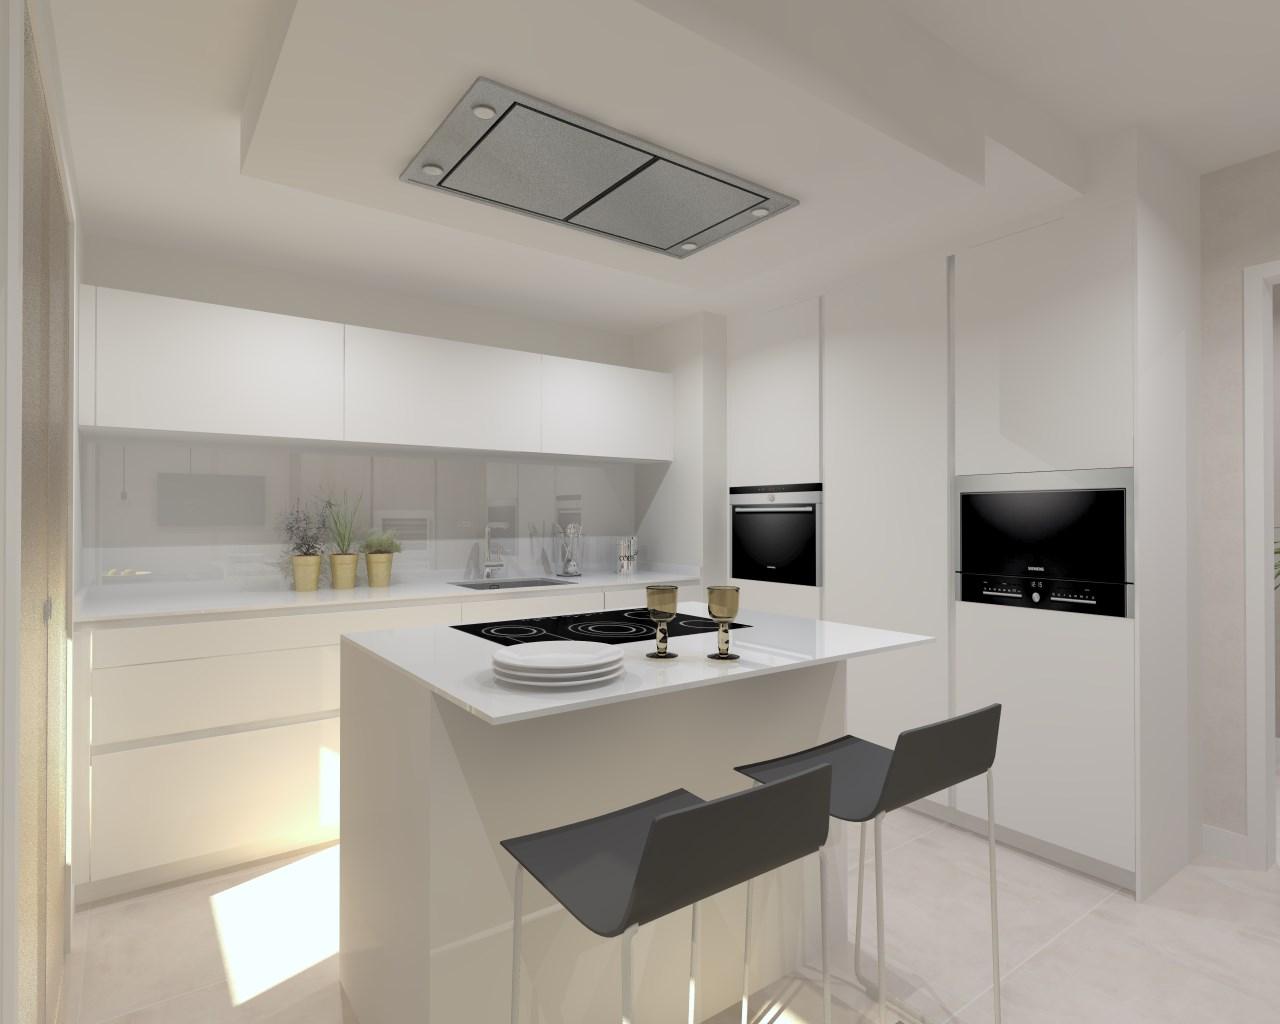 Docrys estudio de cocinas madrid muebles dise o y for Cocinas en color gris claro